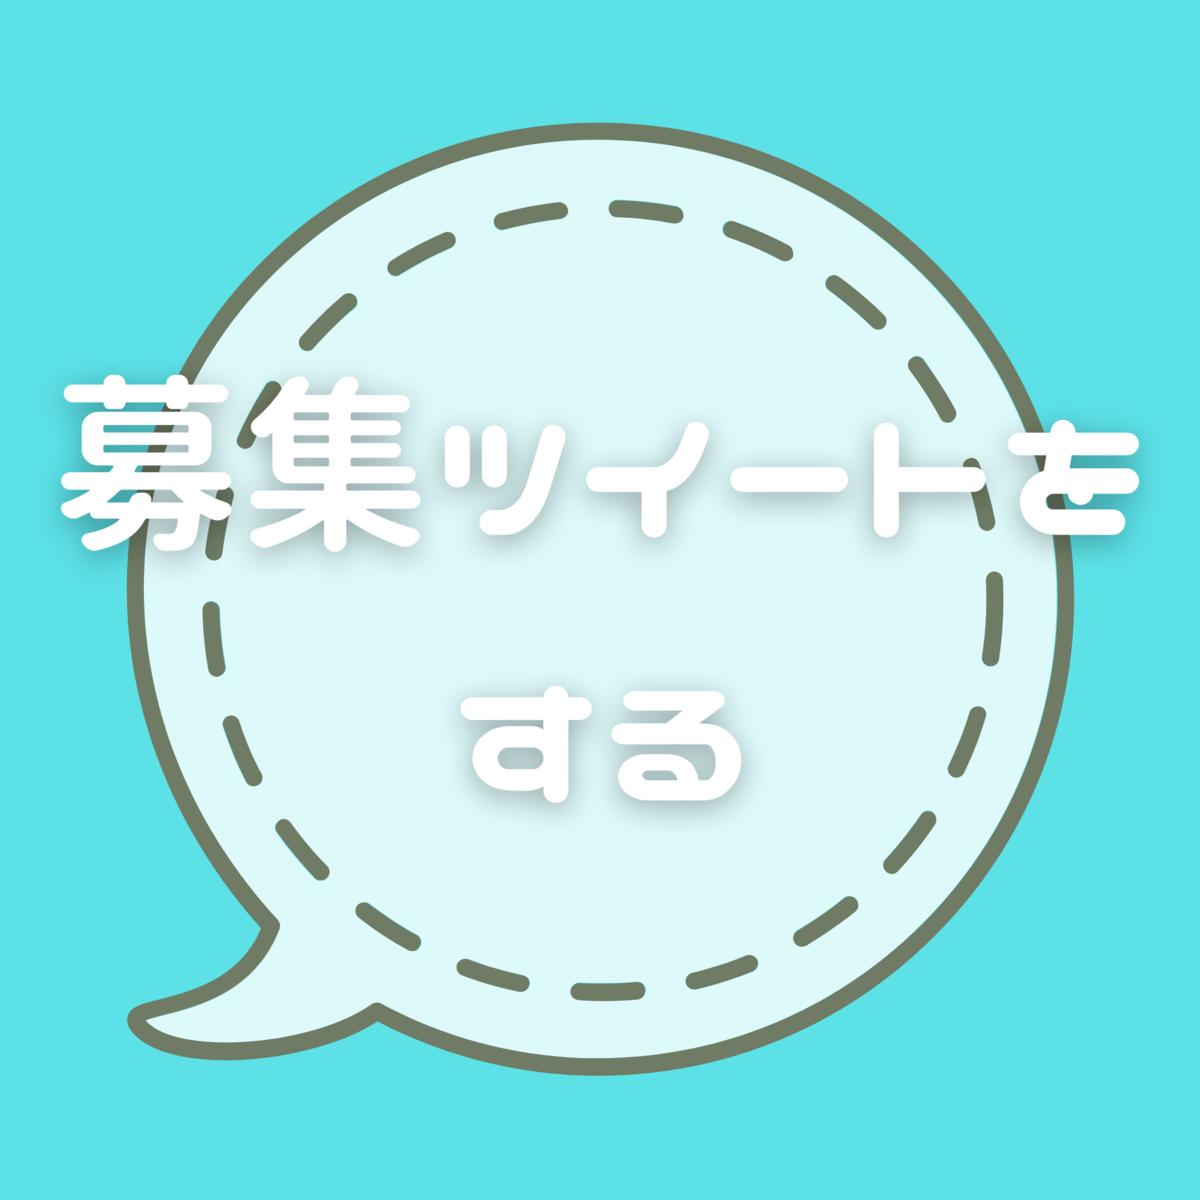 f:id:blue_otorihiki:20200714185508p:plain